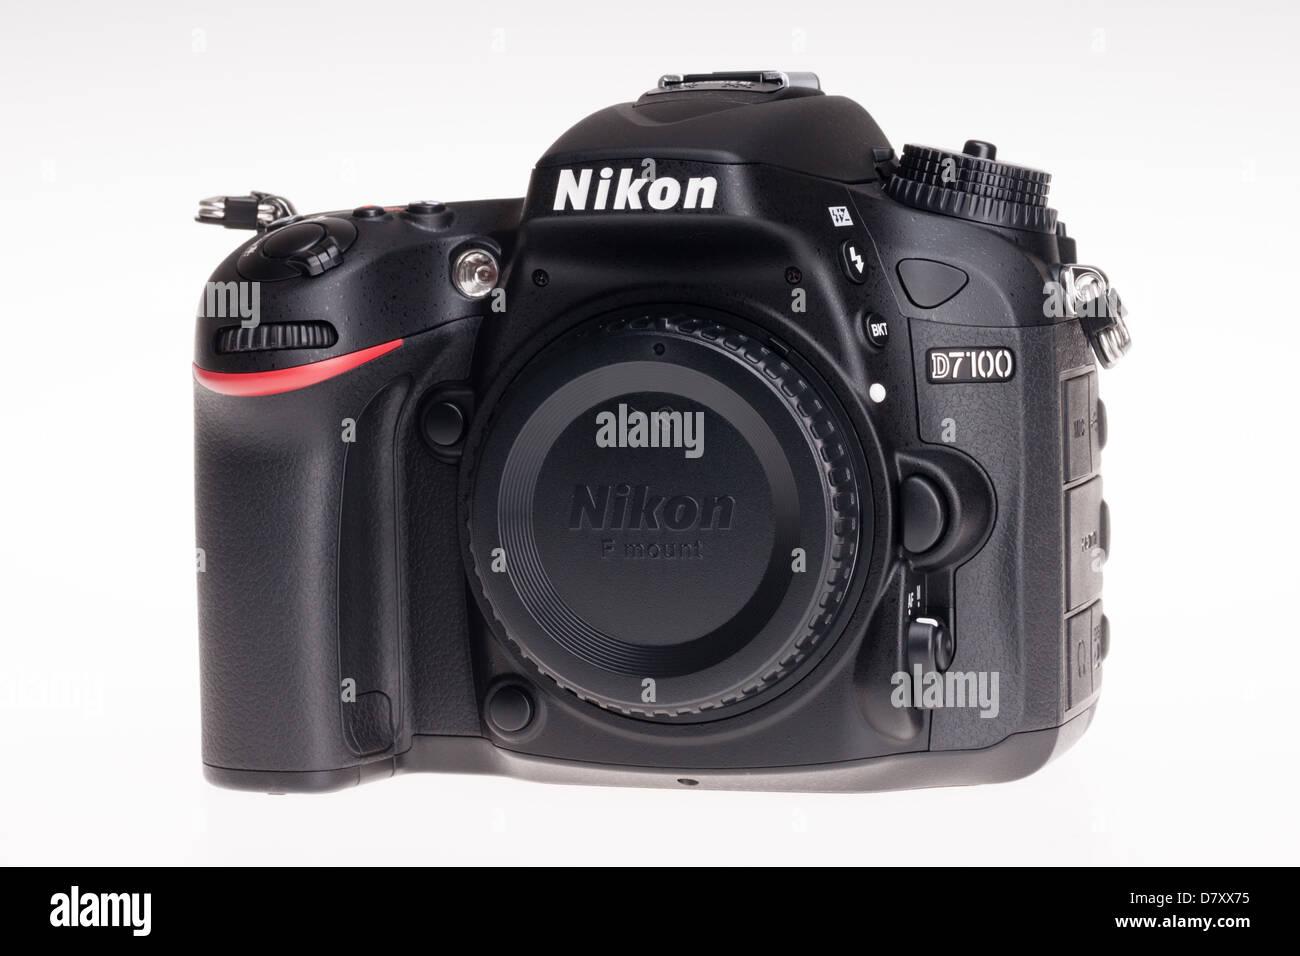 Nikon D7100 digital SLR - body. - Stock Image